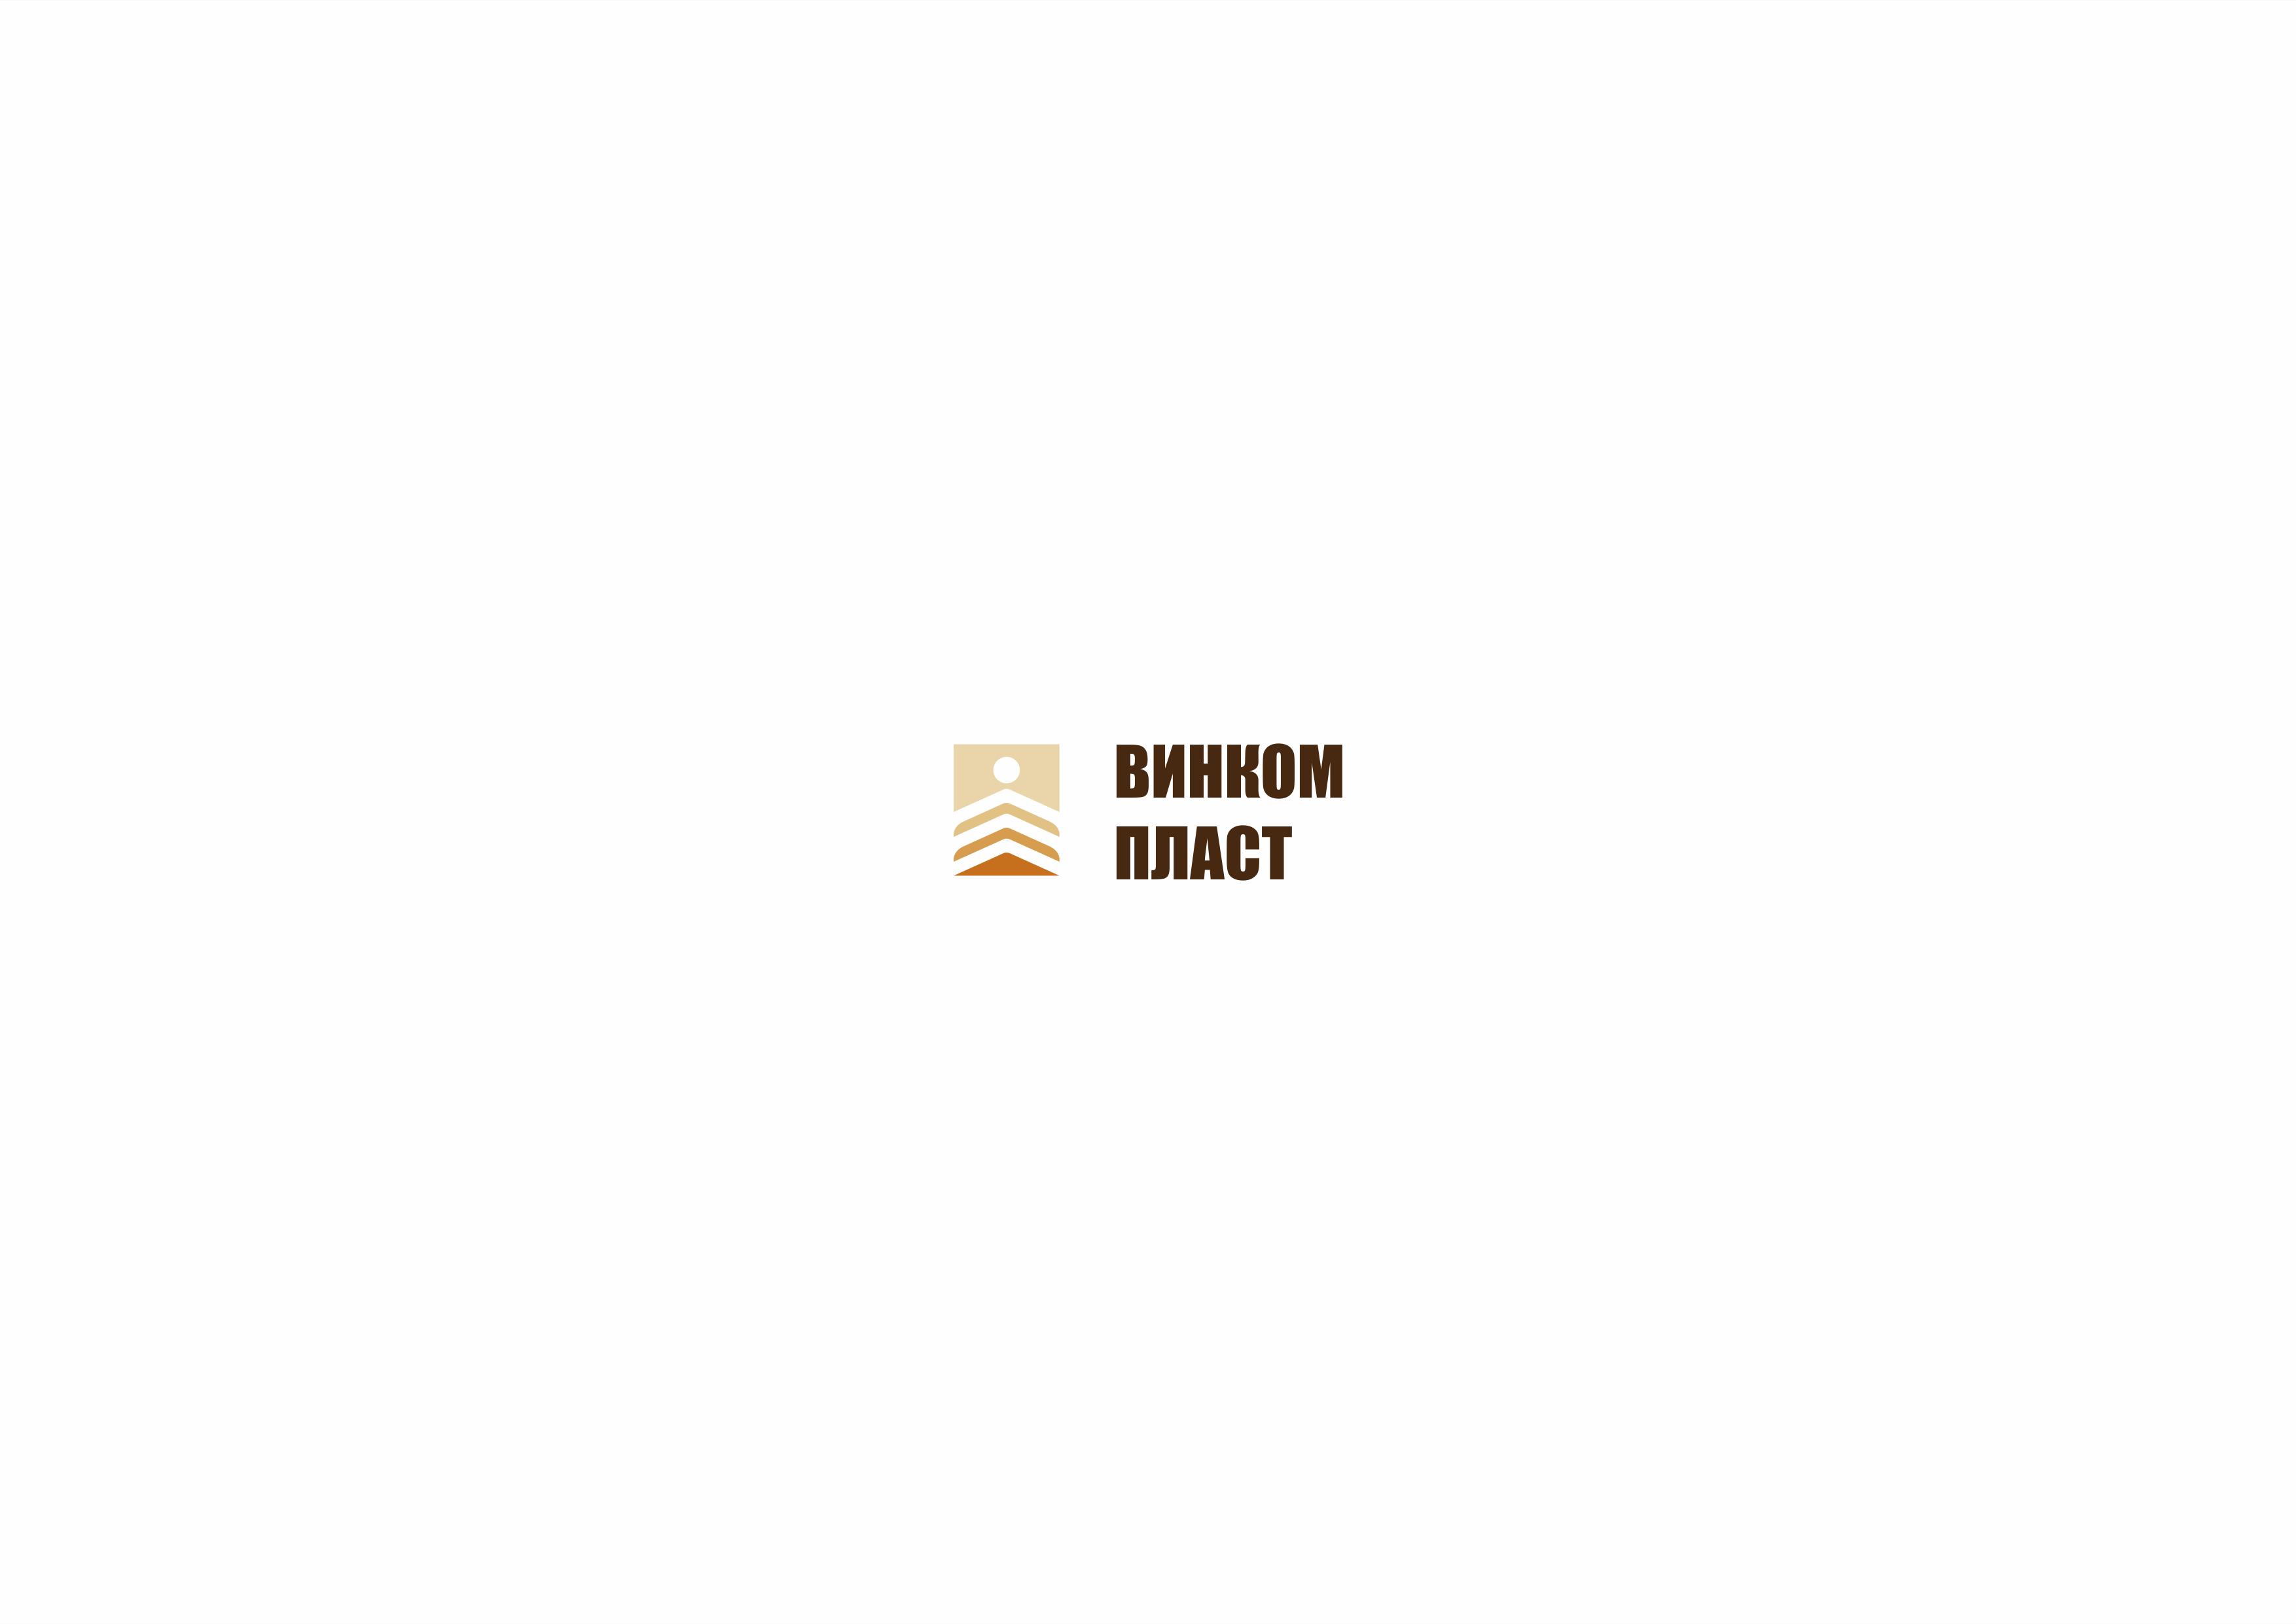 Логотип, фавикон и визитка для компании Винком Пласт  фото f_4985c39d6efbd4e2.png